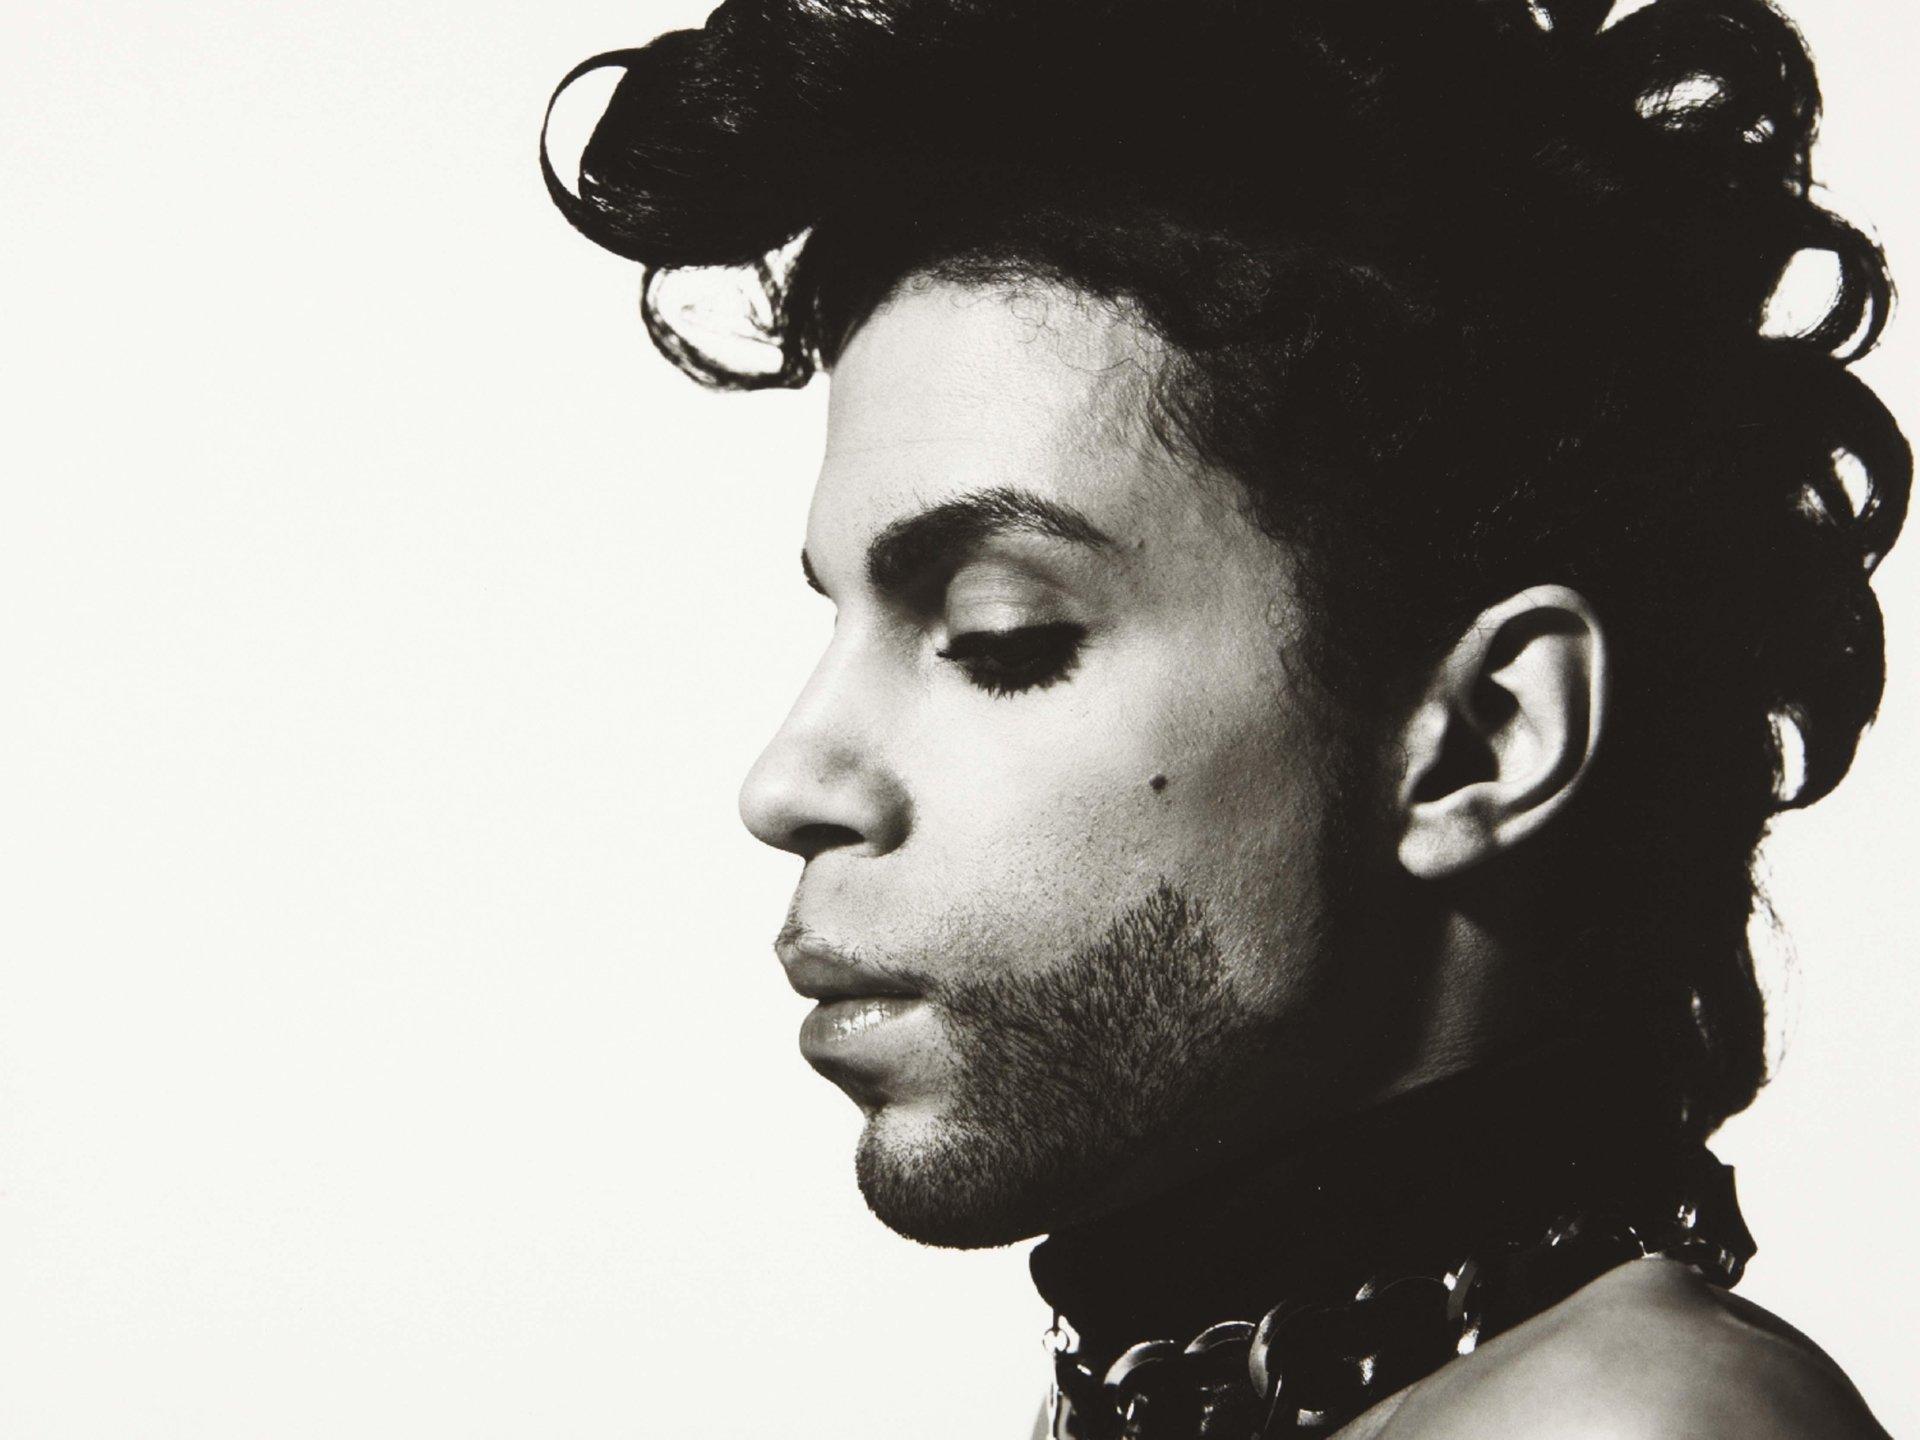 Prince Wallpaper Hd